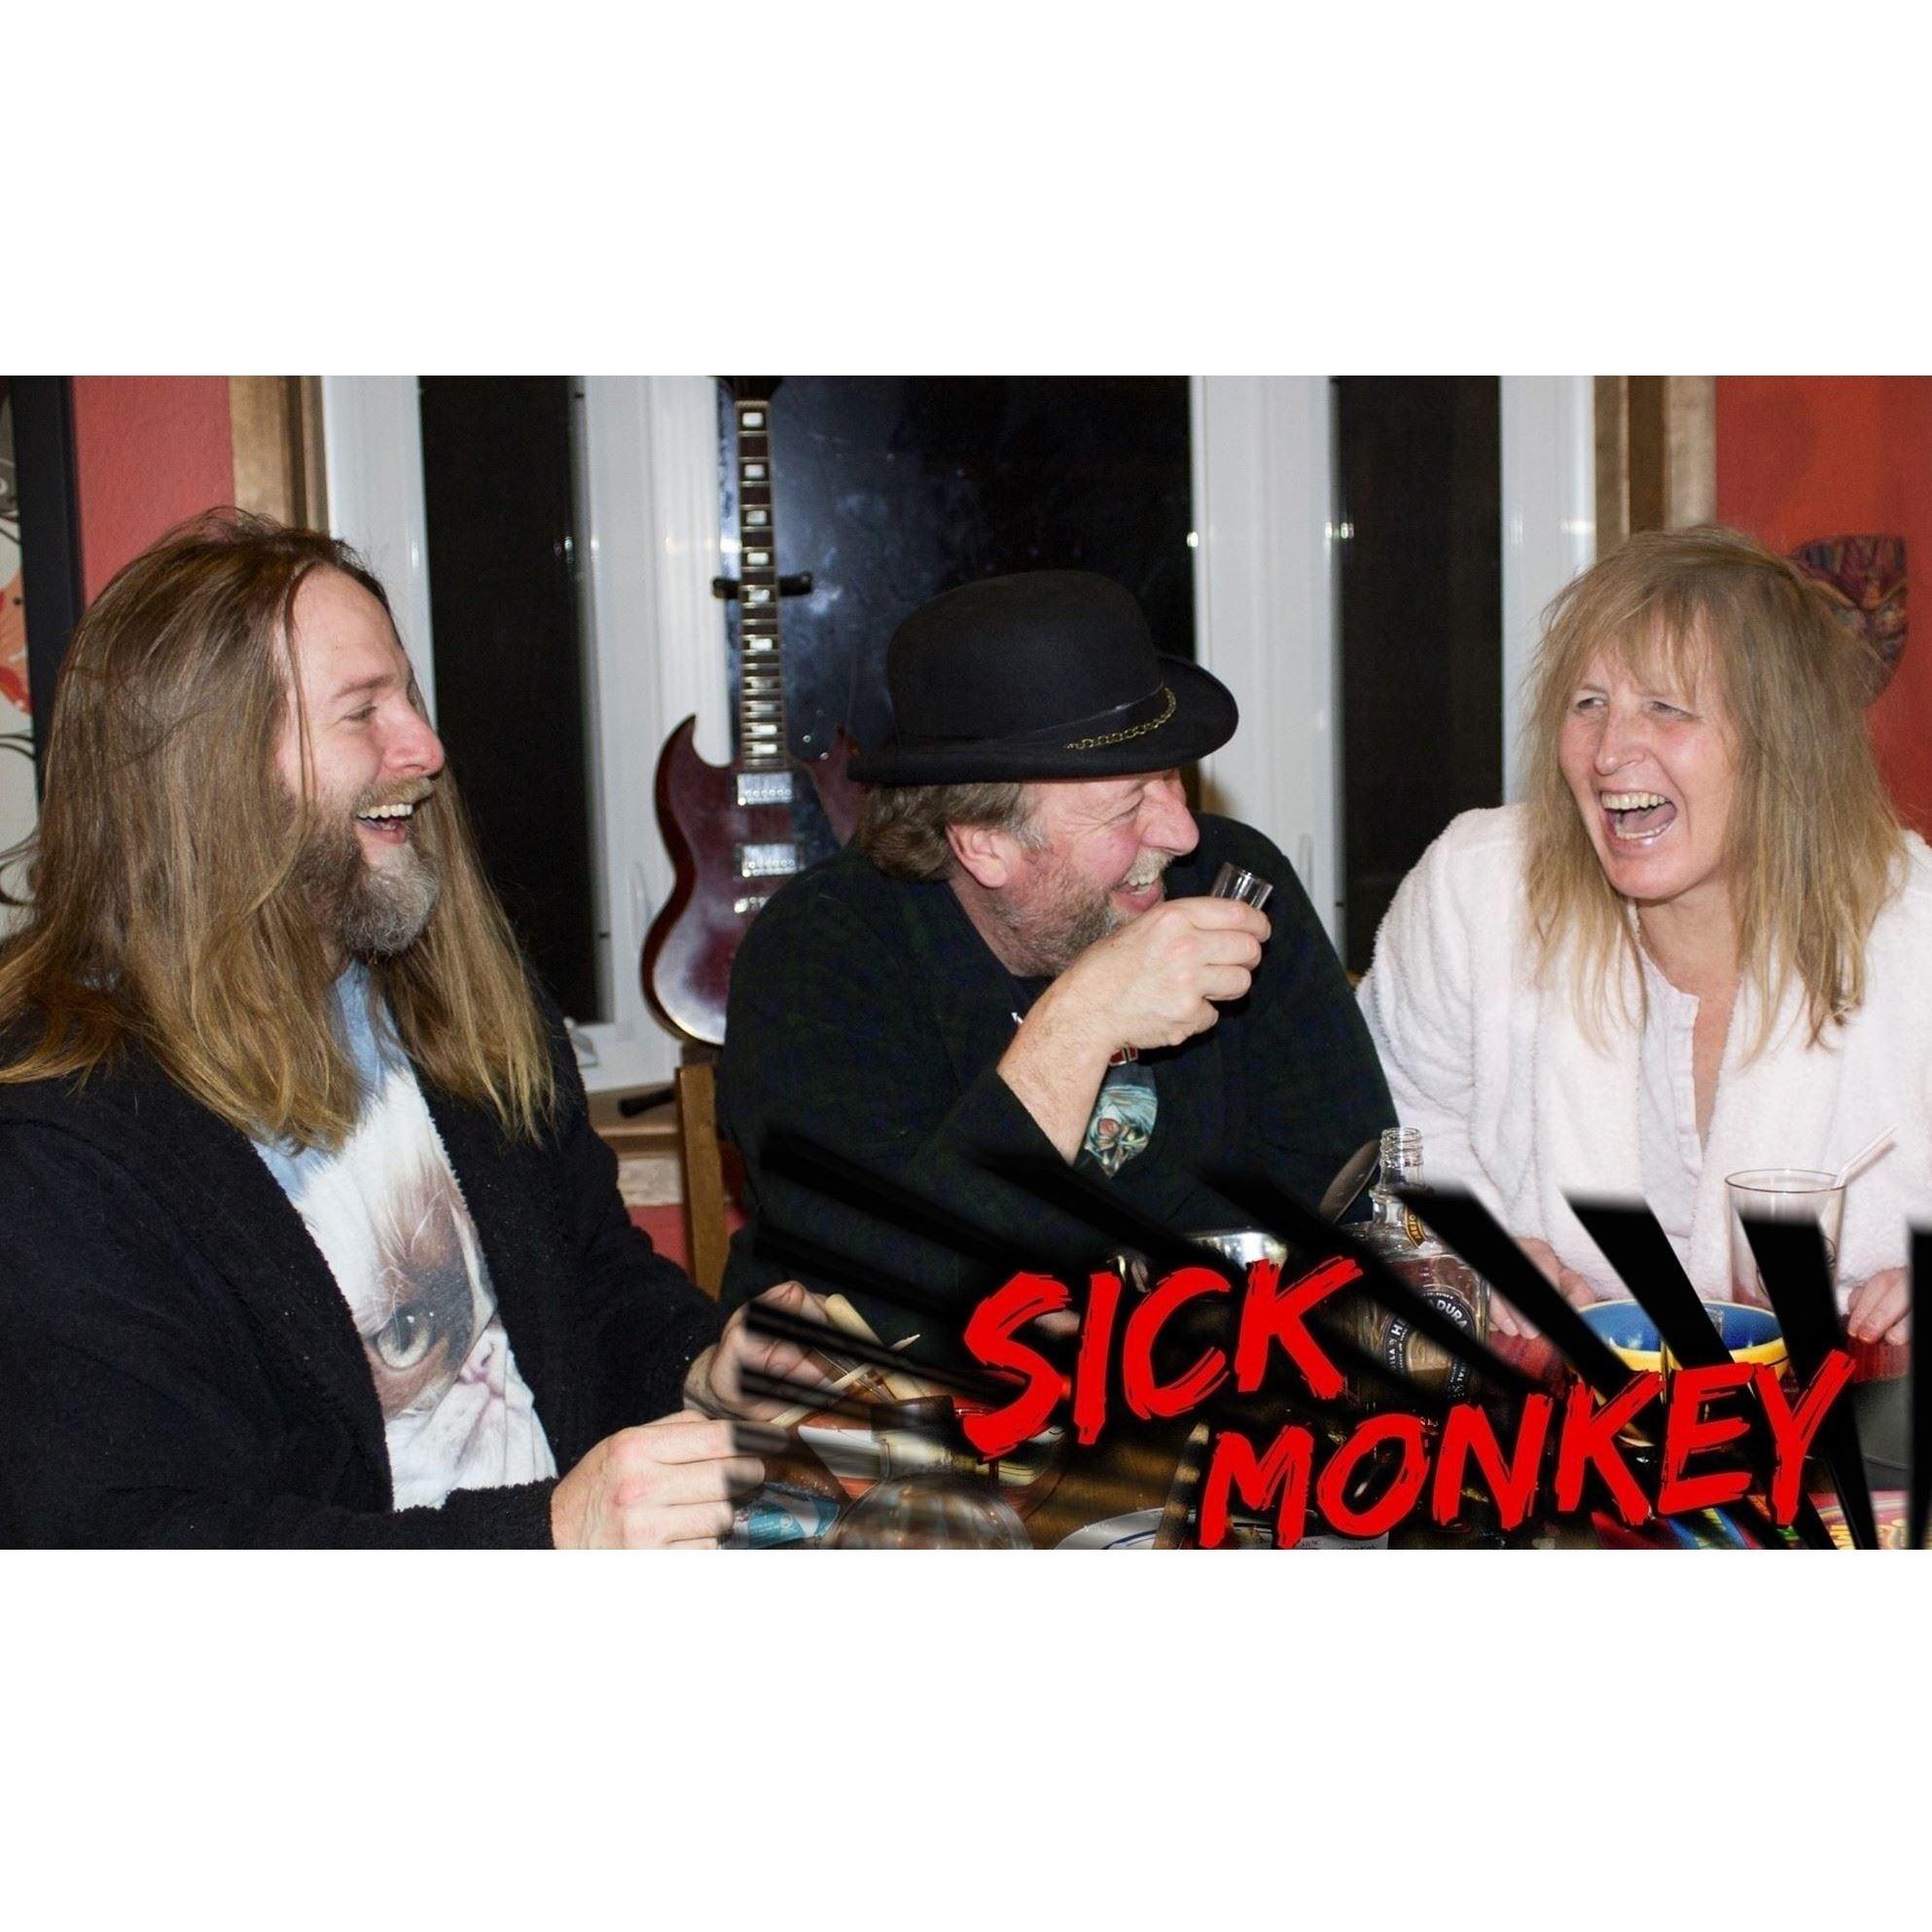 Sick Monkey